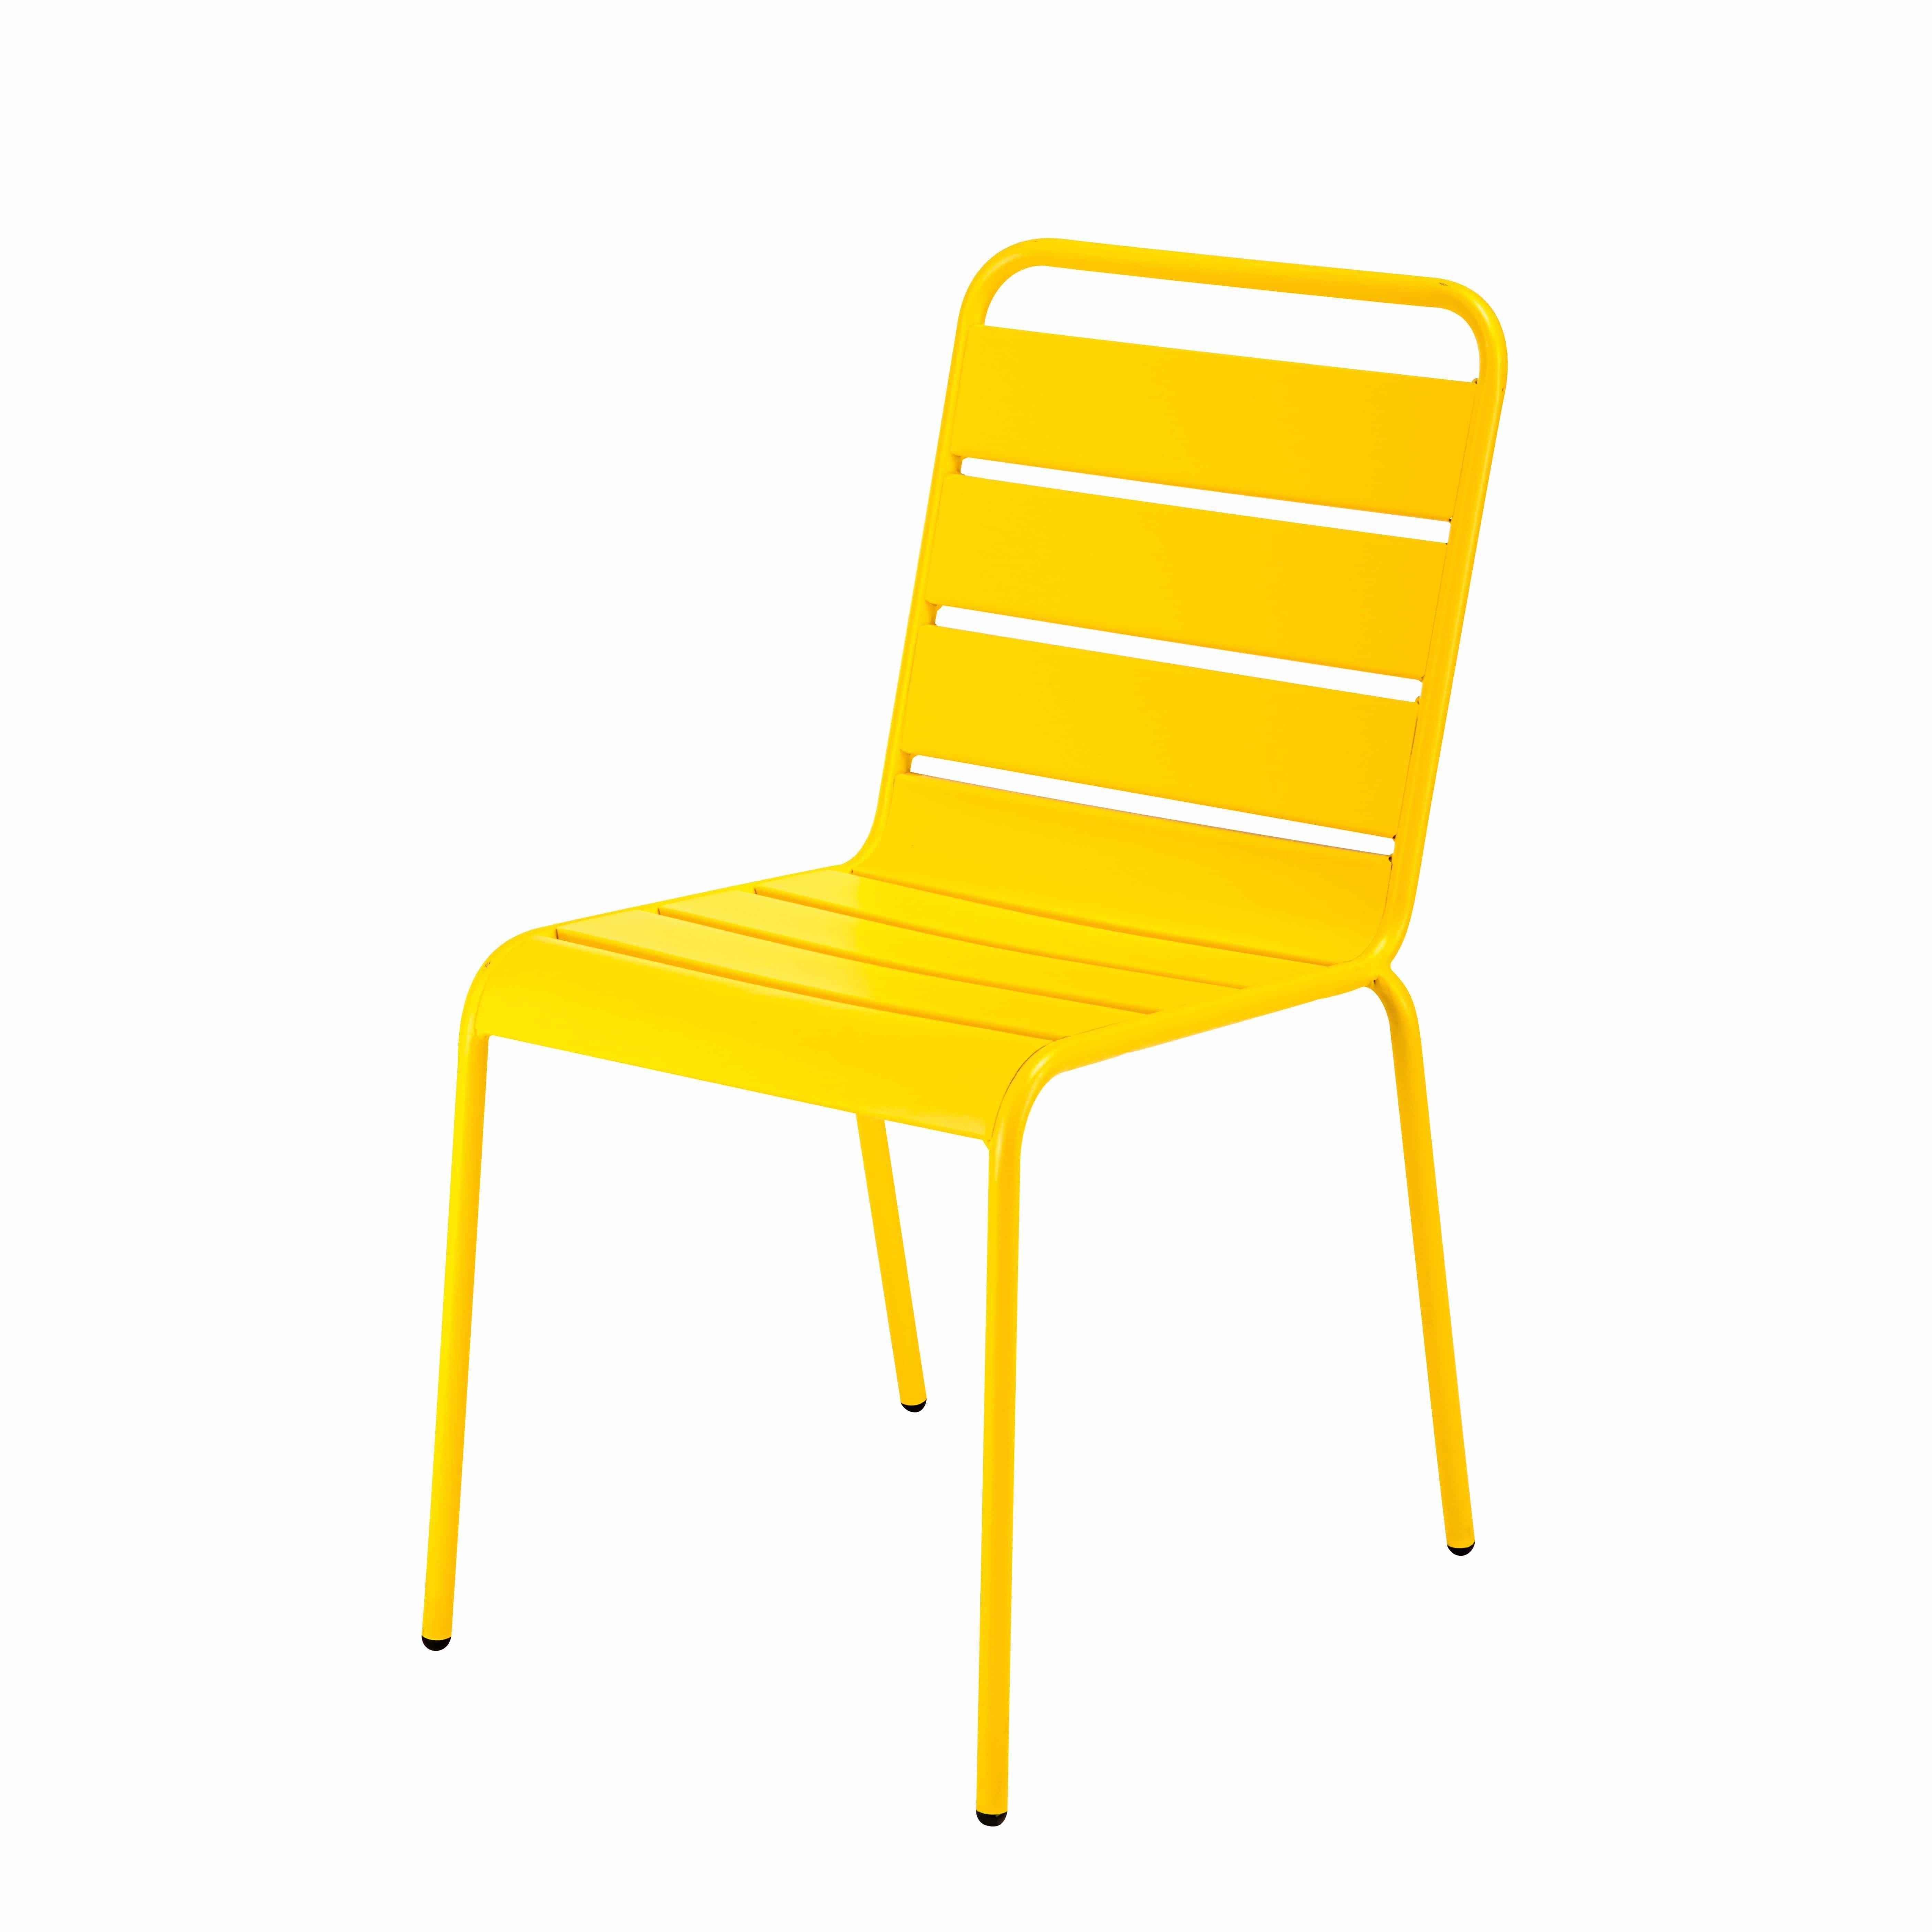 Gartenstuhl metall  Stapelbarer Gartenstuhl aus gelbem Metall Jetzt bestellen unter ...